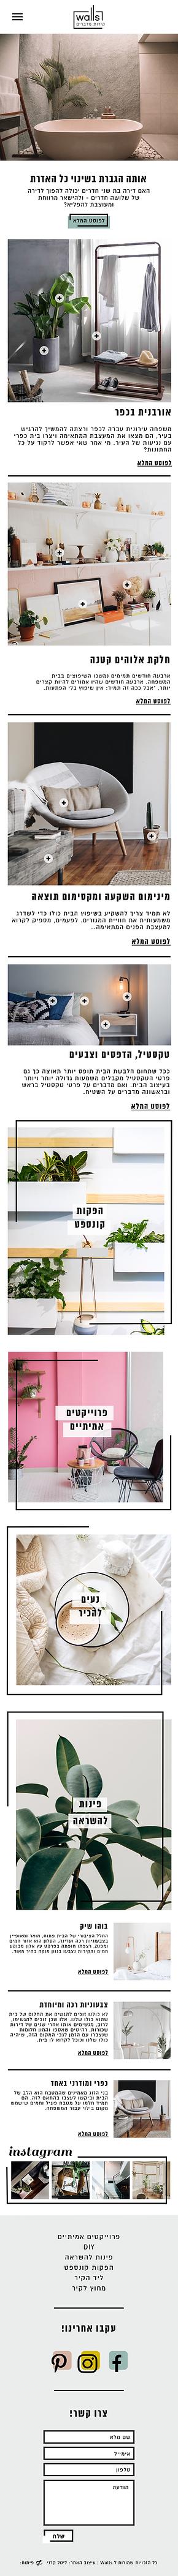 homepage opened menu.png